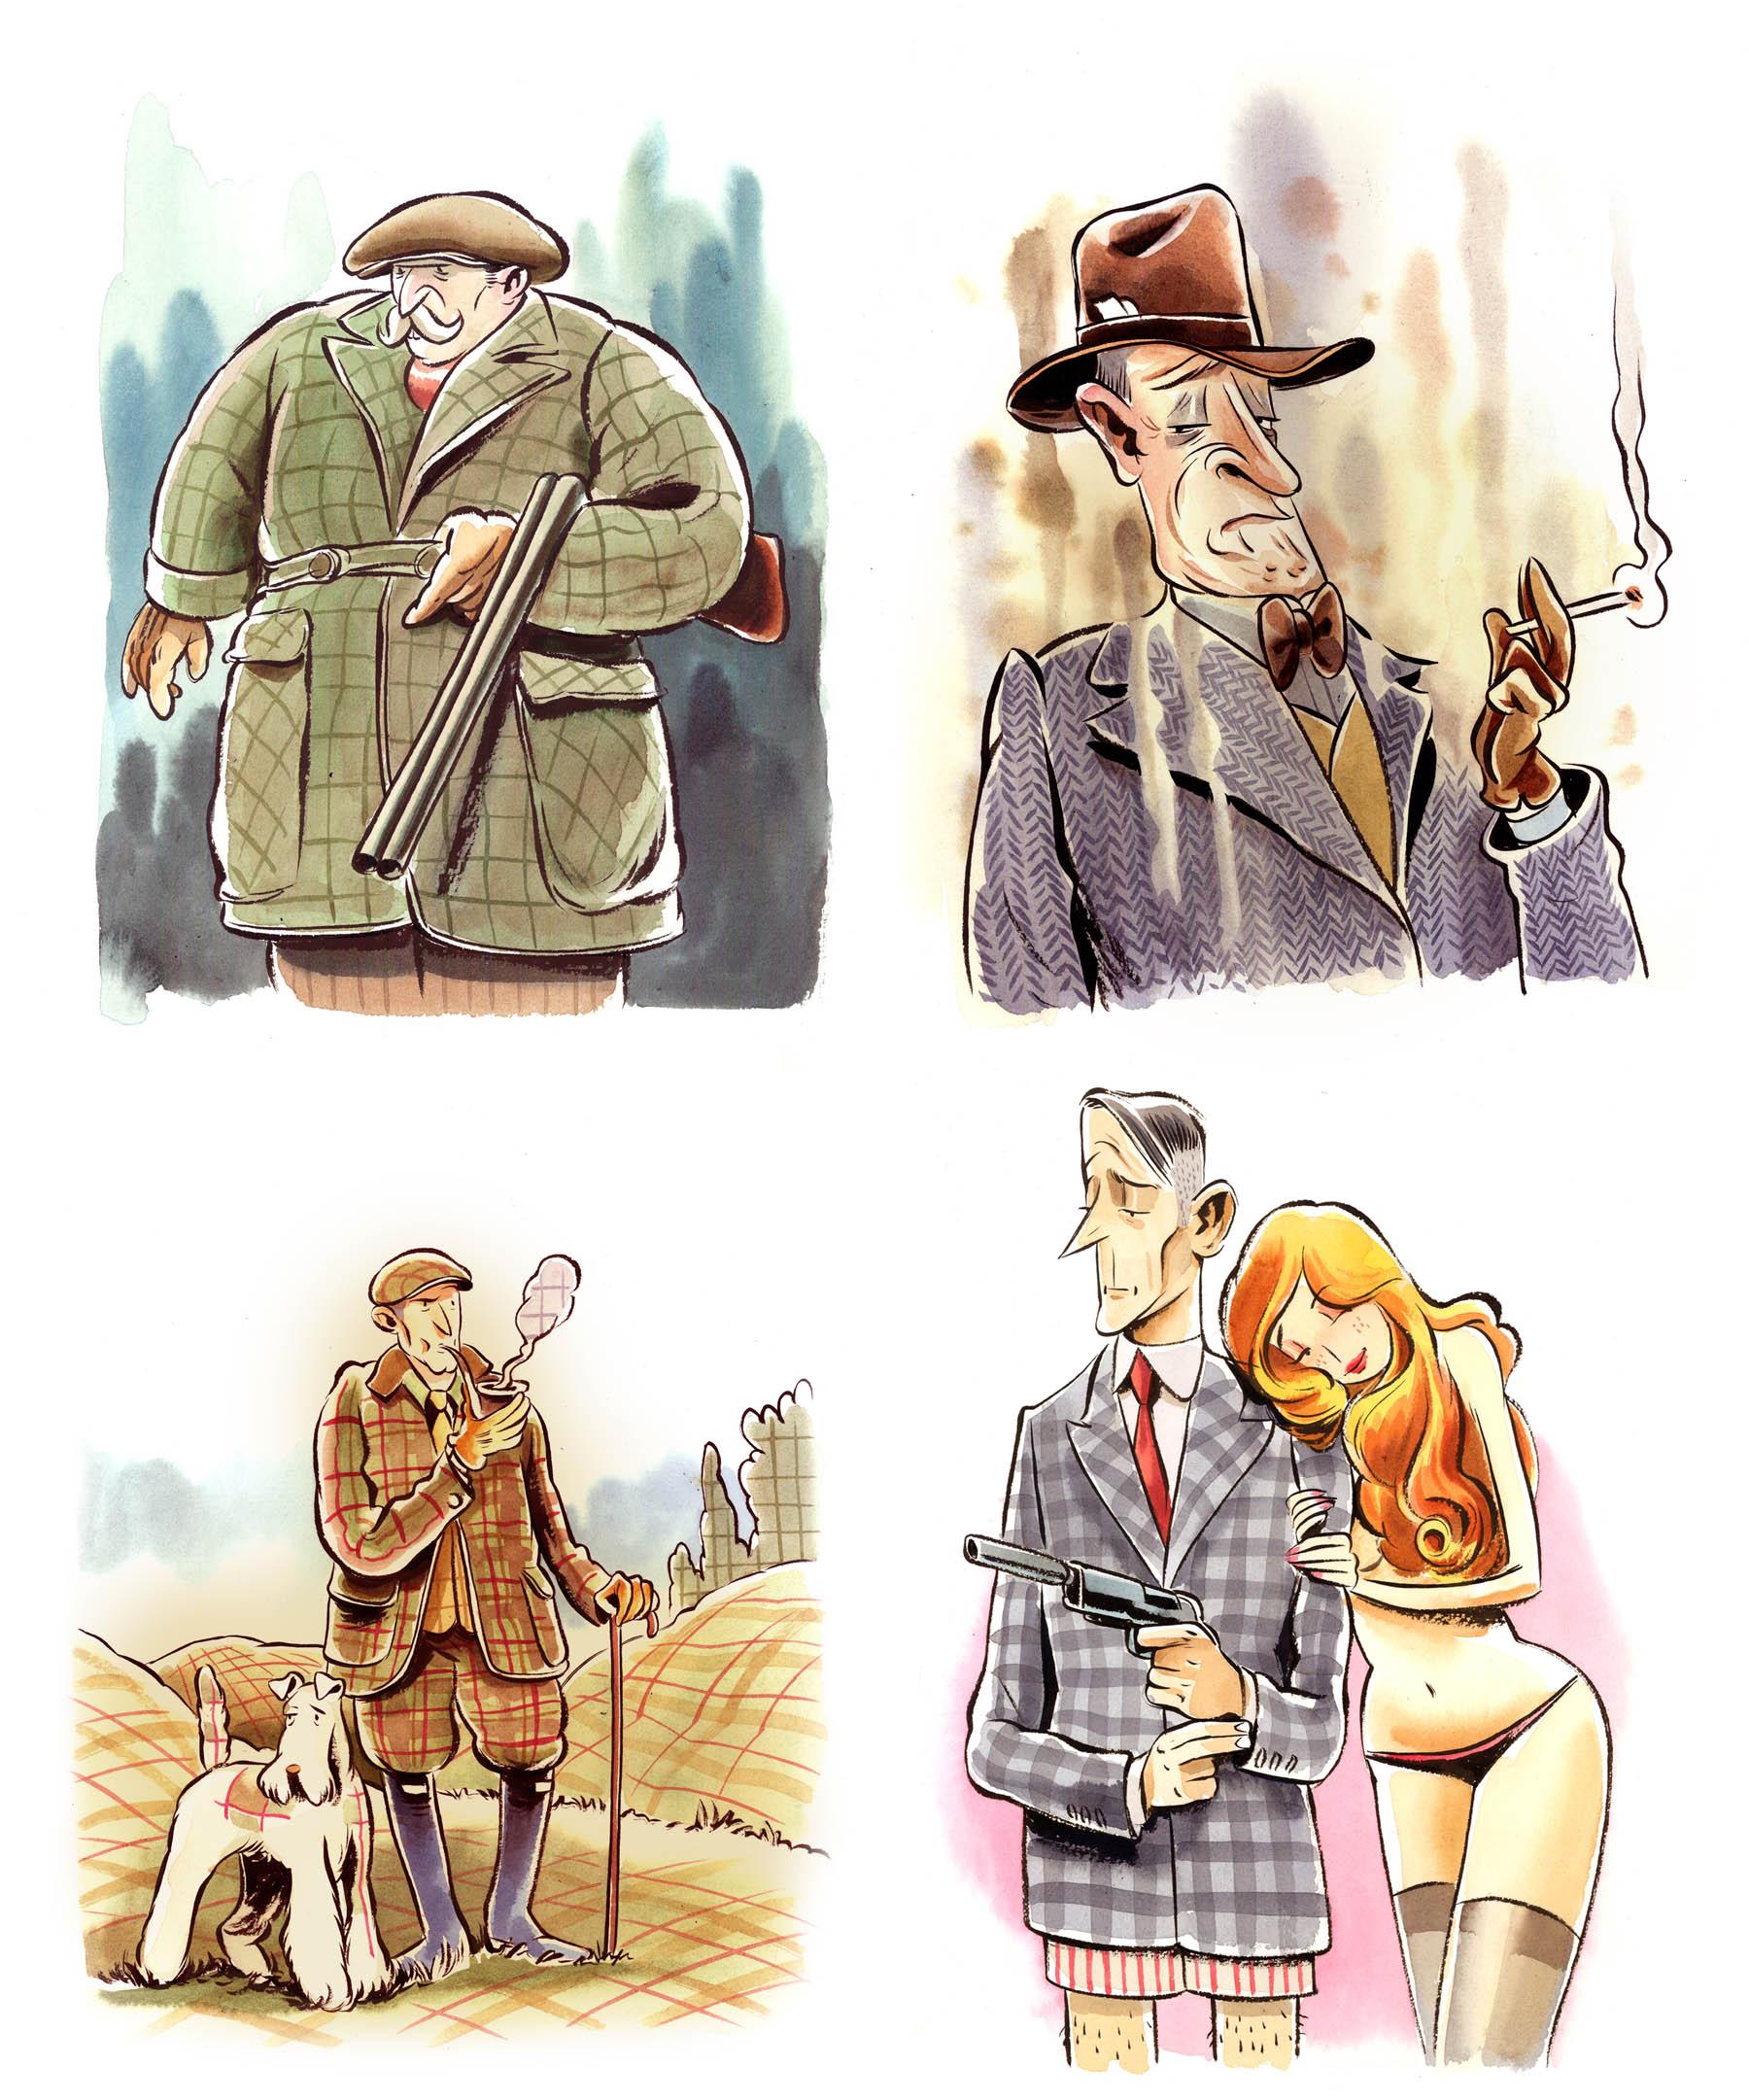 Vanity Fair : Tweeds inspired by Downton Abbey